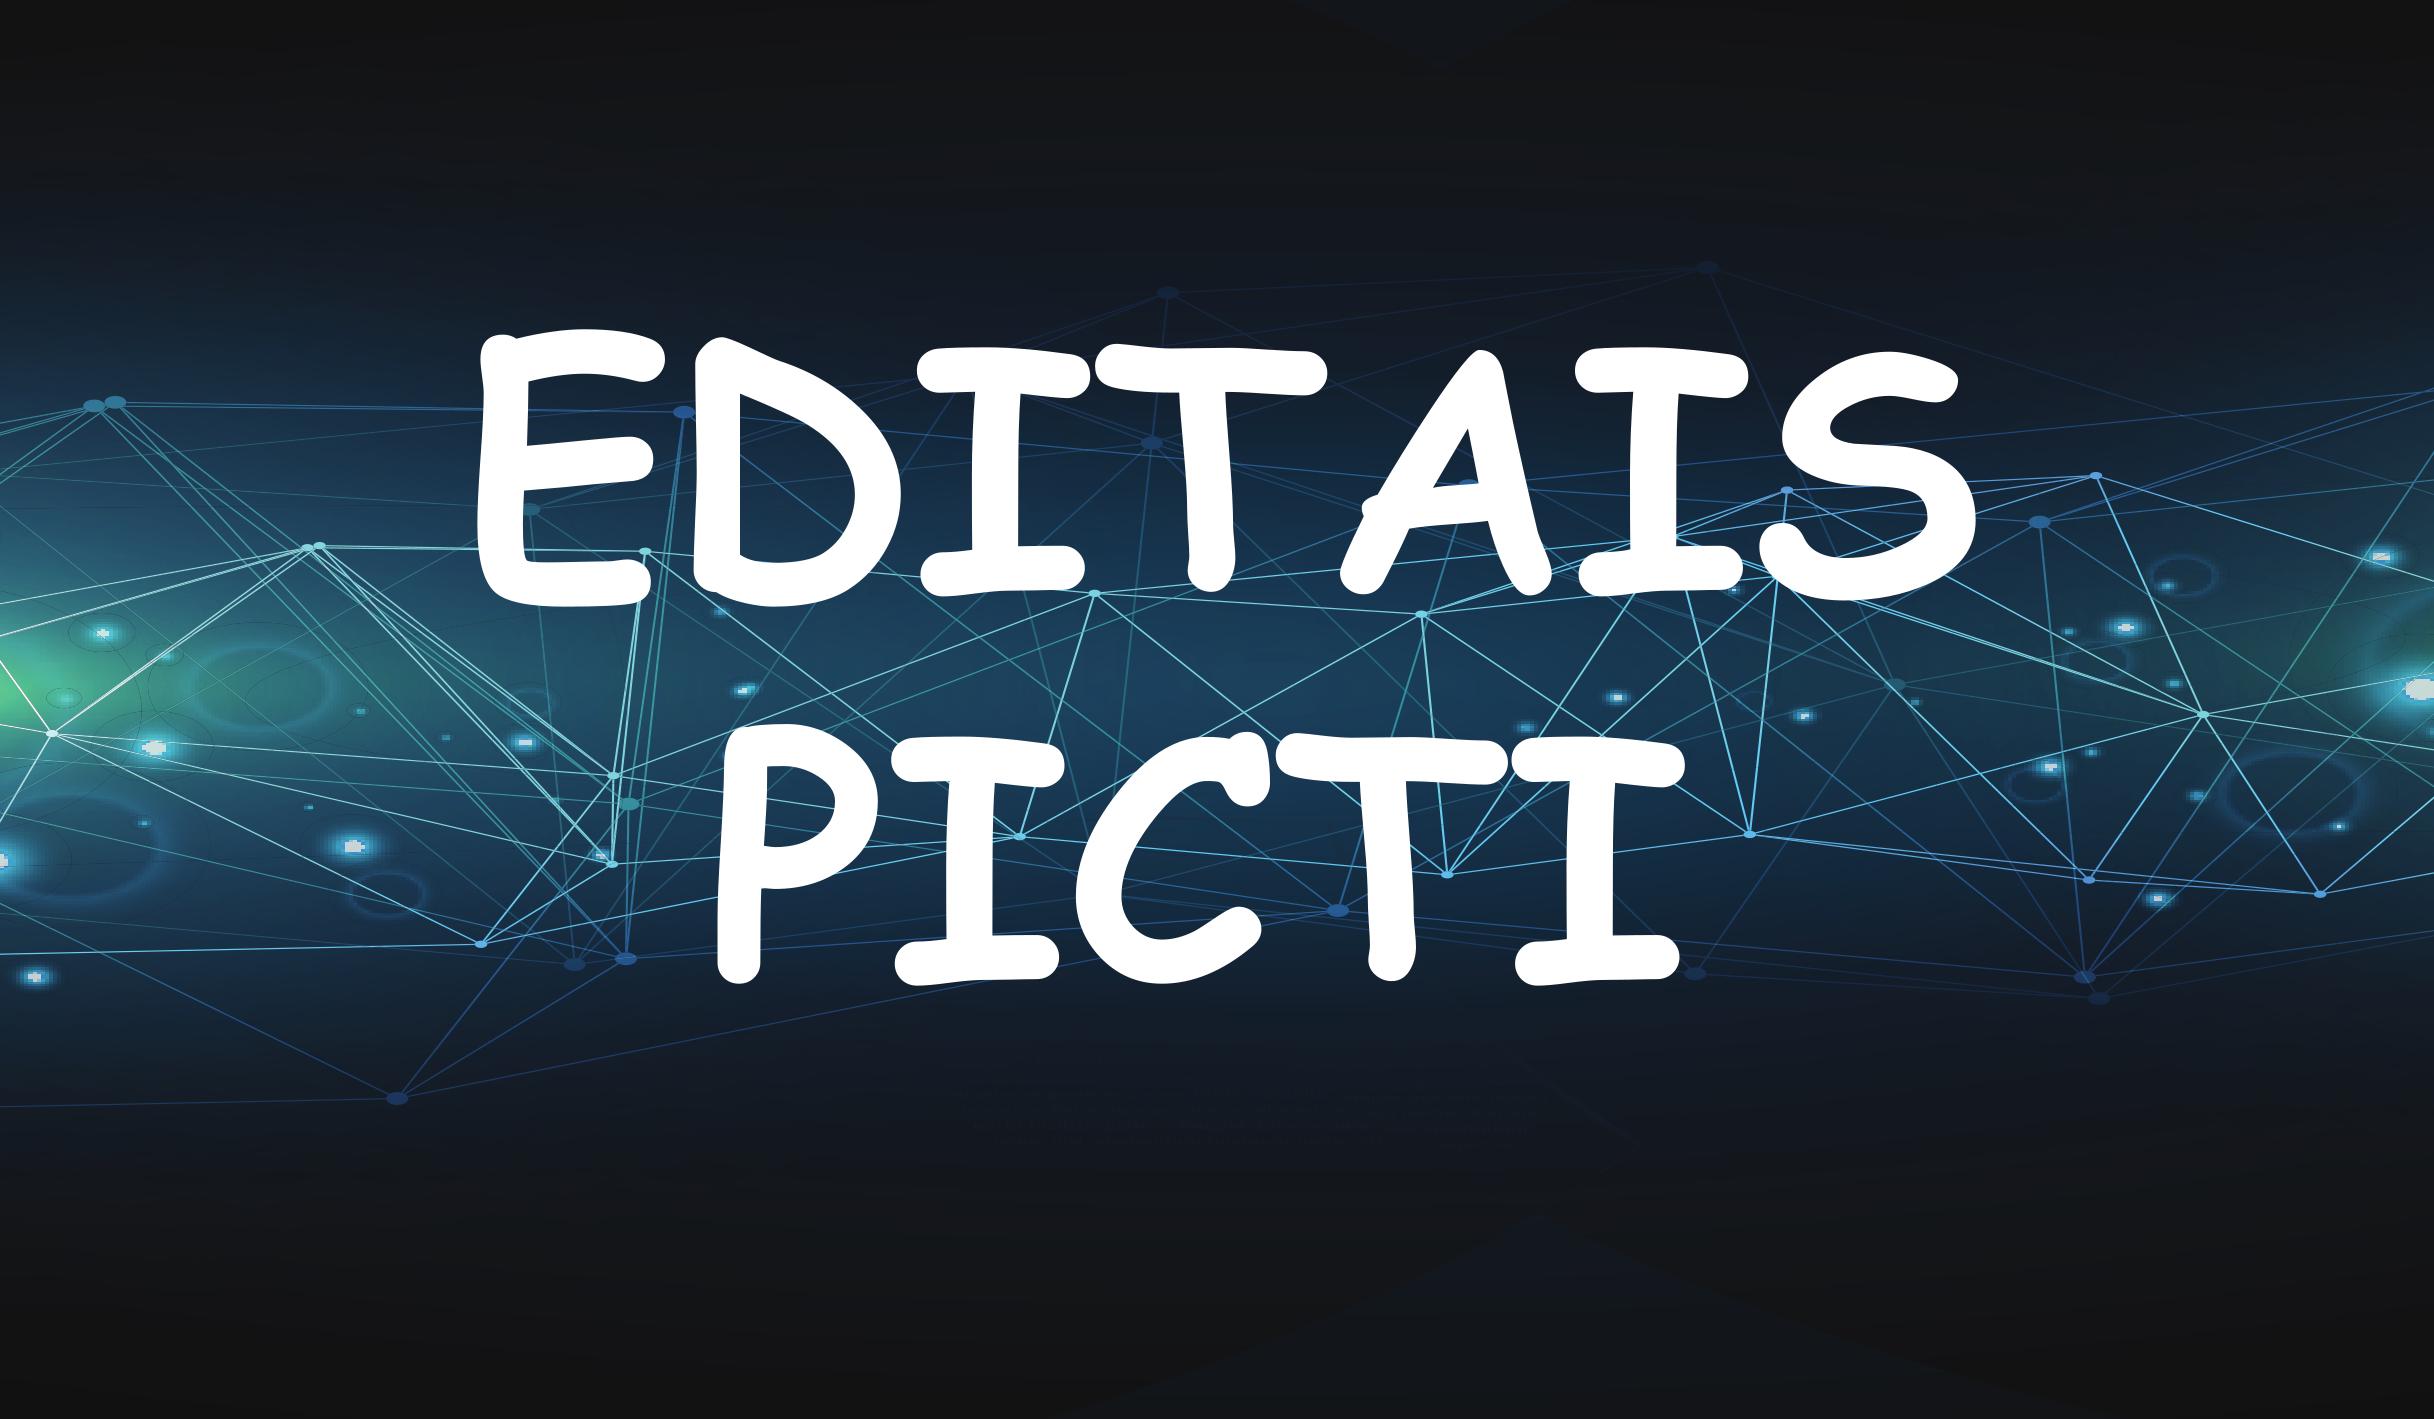 PRPPG divulga quatro editais Picti para 2019